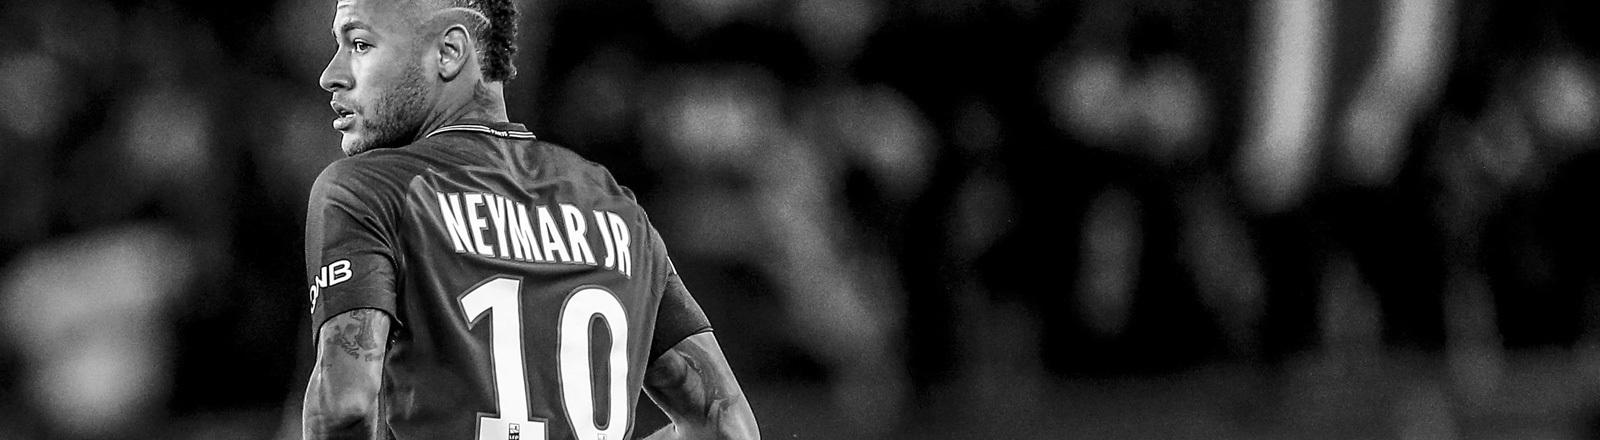 Schwarz-Weiß-Foto des Fußballspielers Neymar JR; Foto: dpa